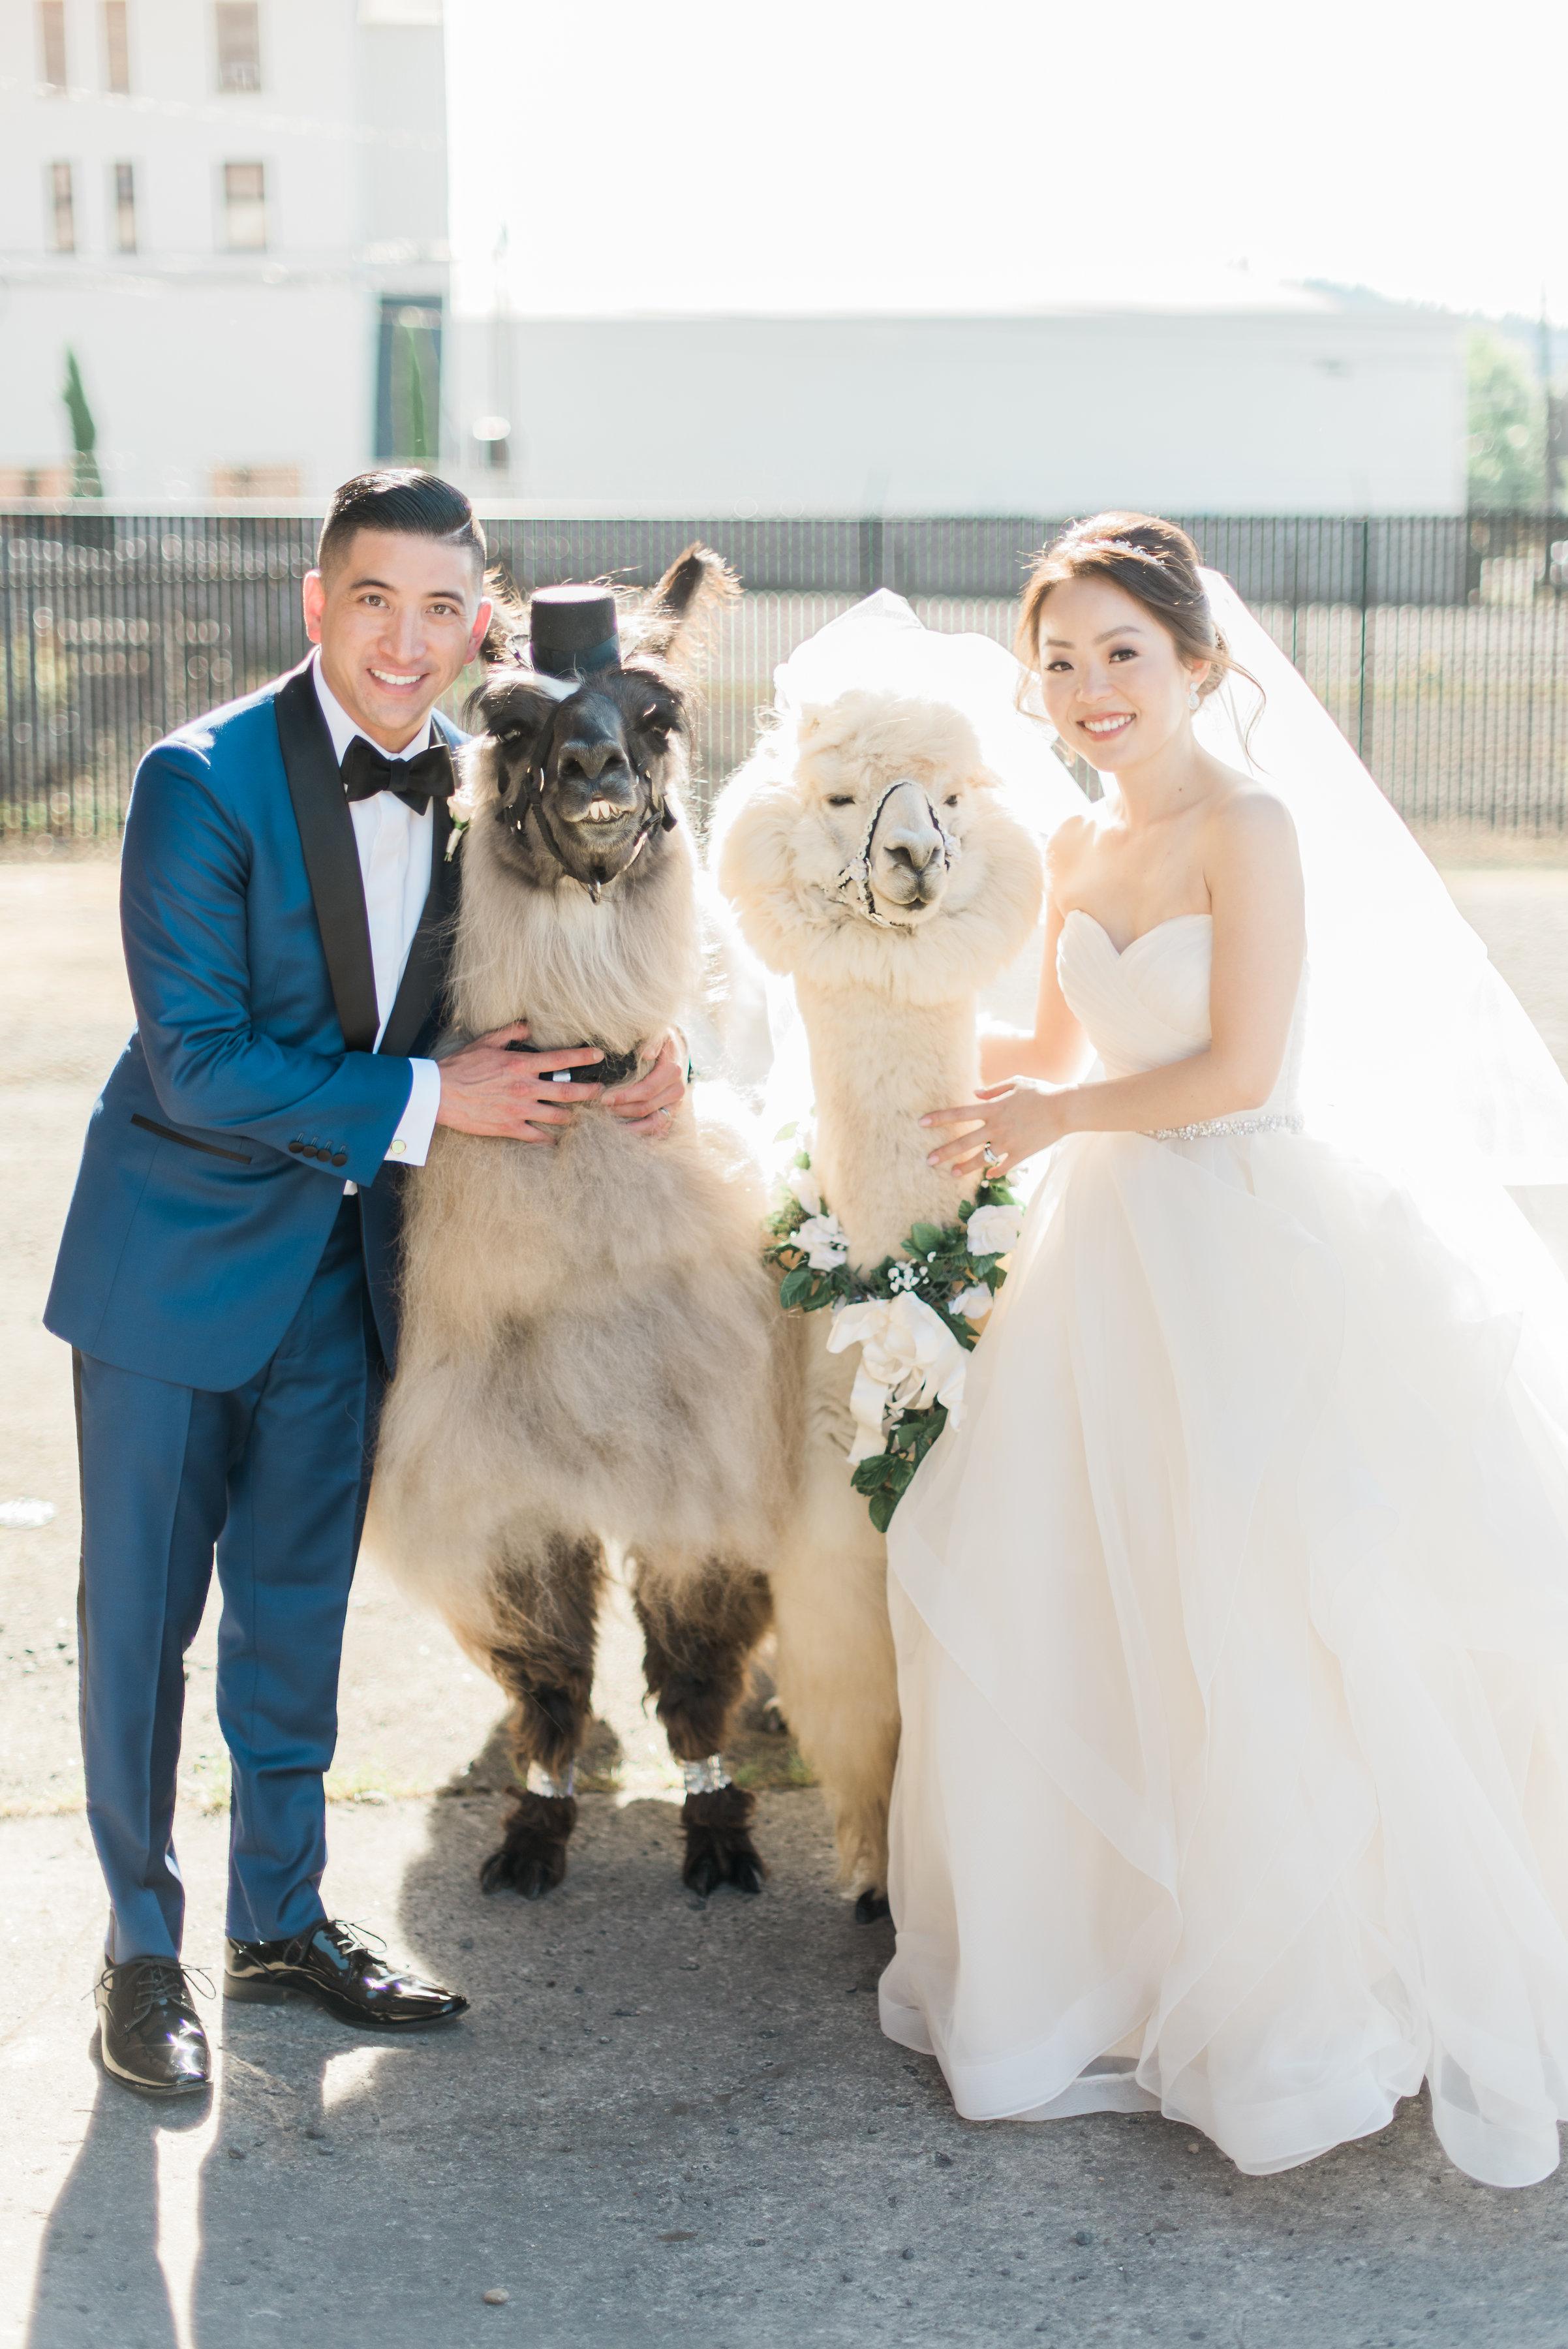 bride_groom_with_wedding_llamas_portland